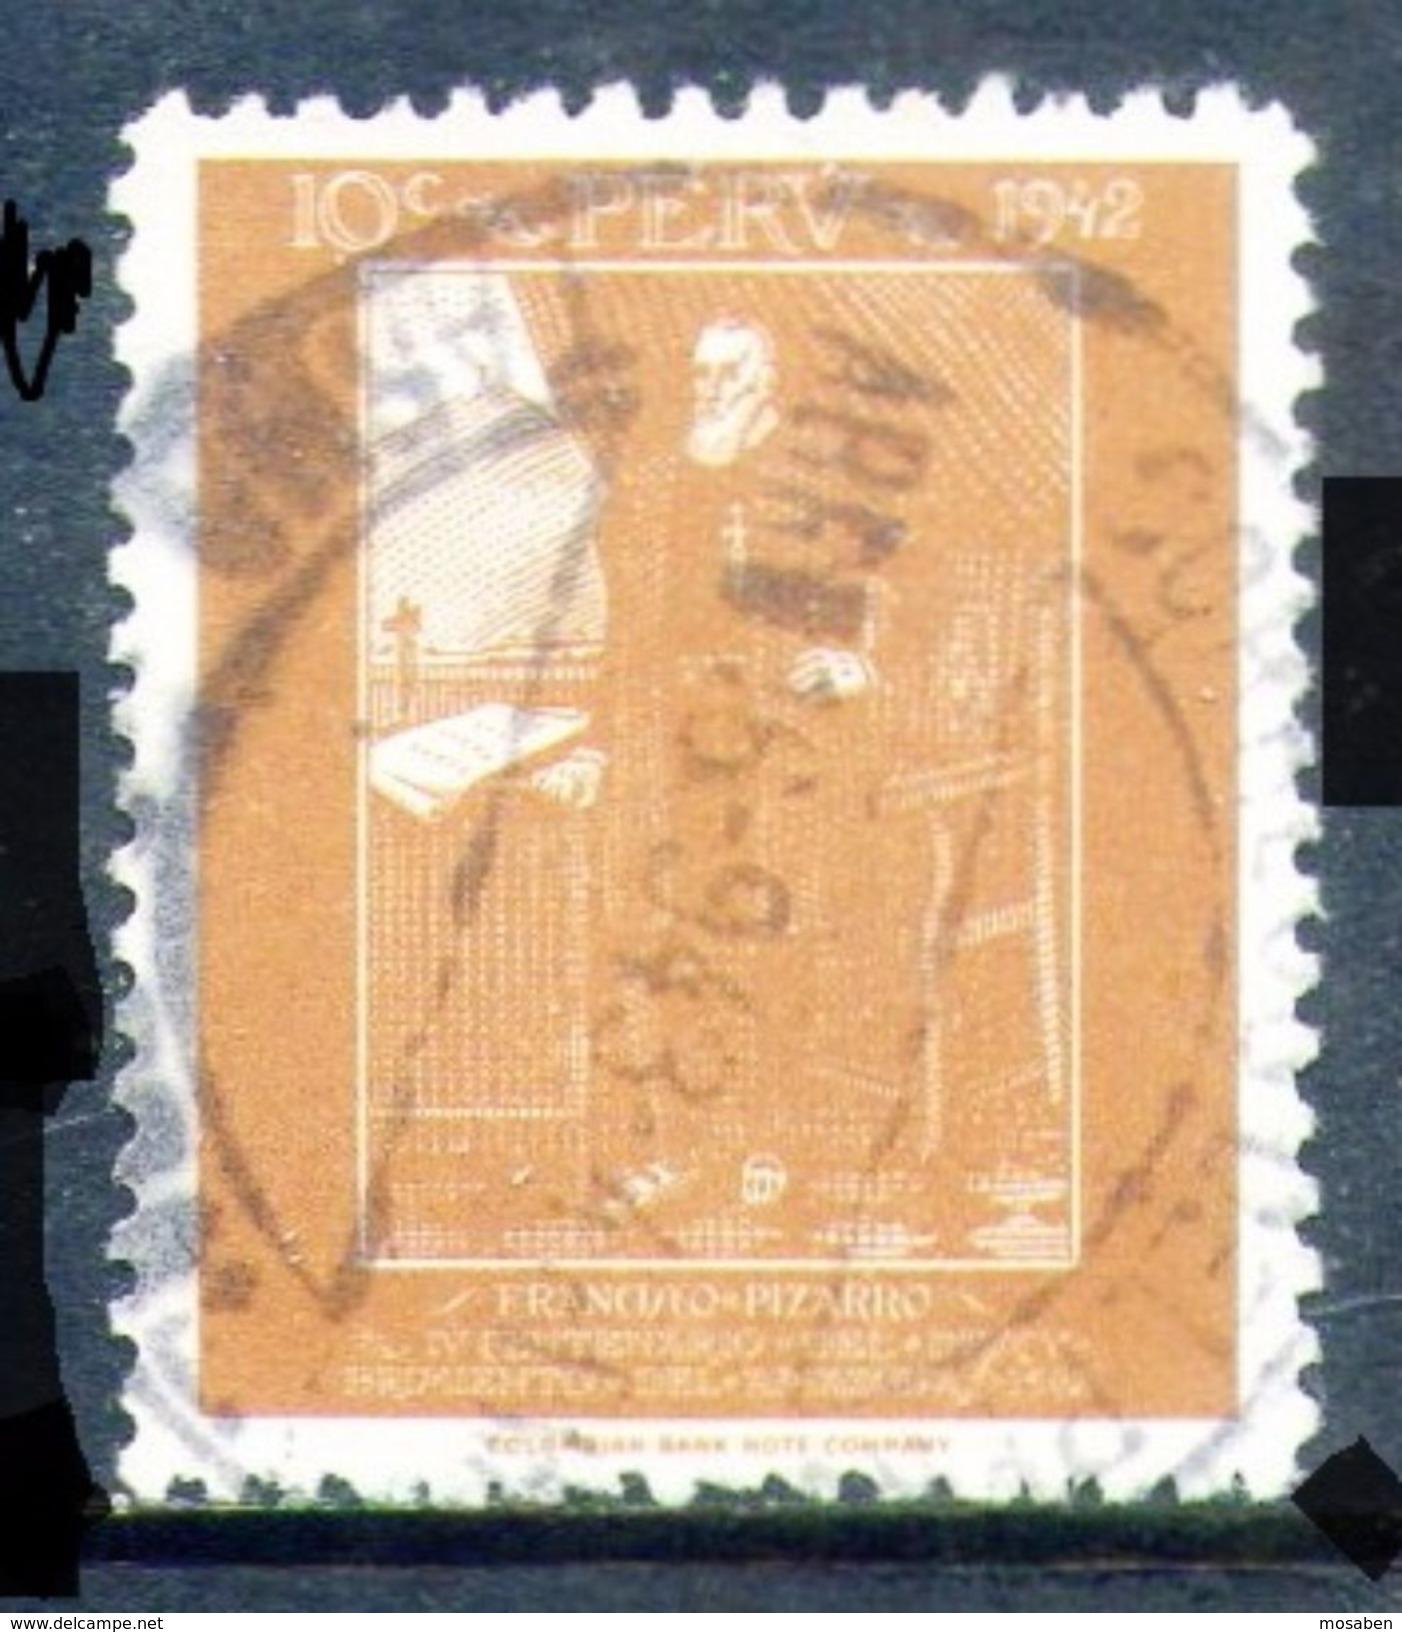 PERÚ-Yv. 377-N-9553 - Peru